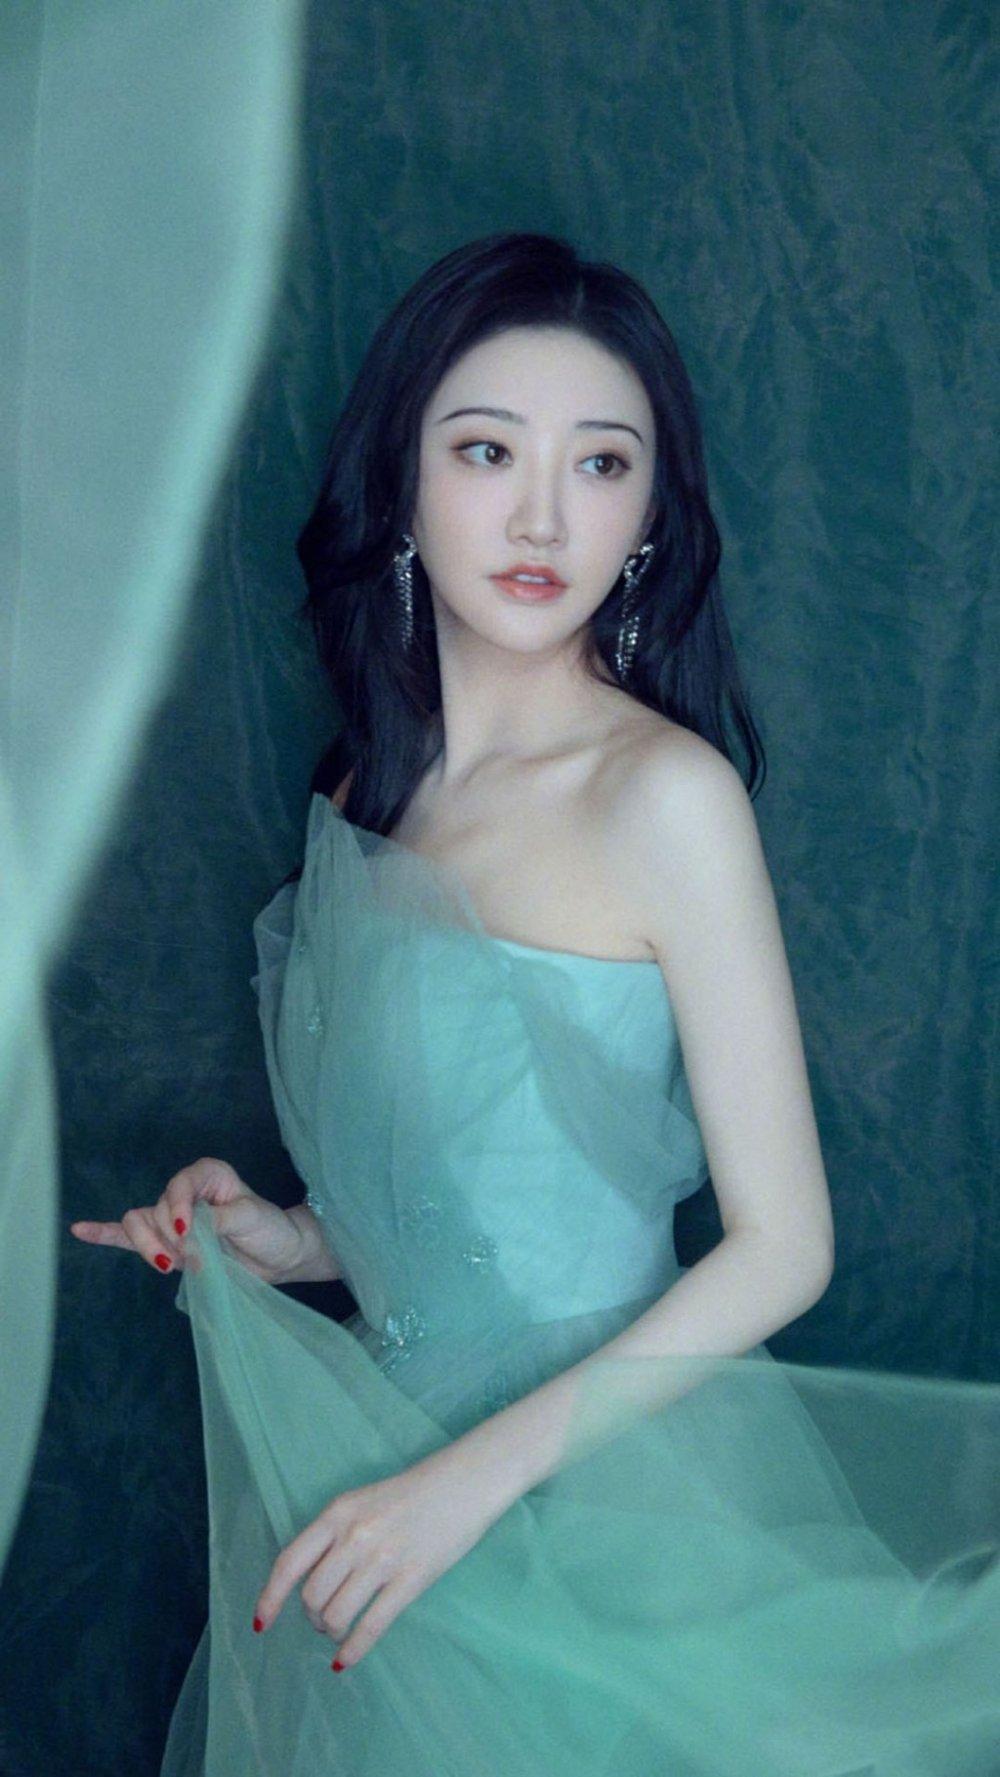 景甜薄荷绿抹胸长裙气质写真